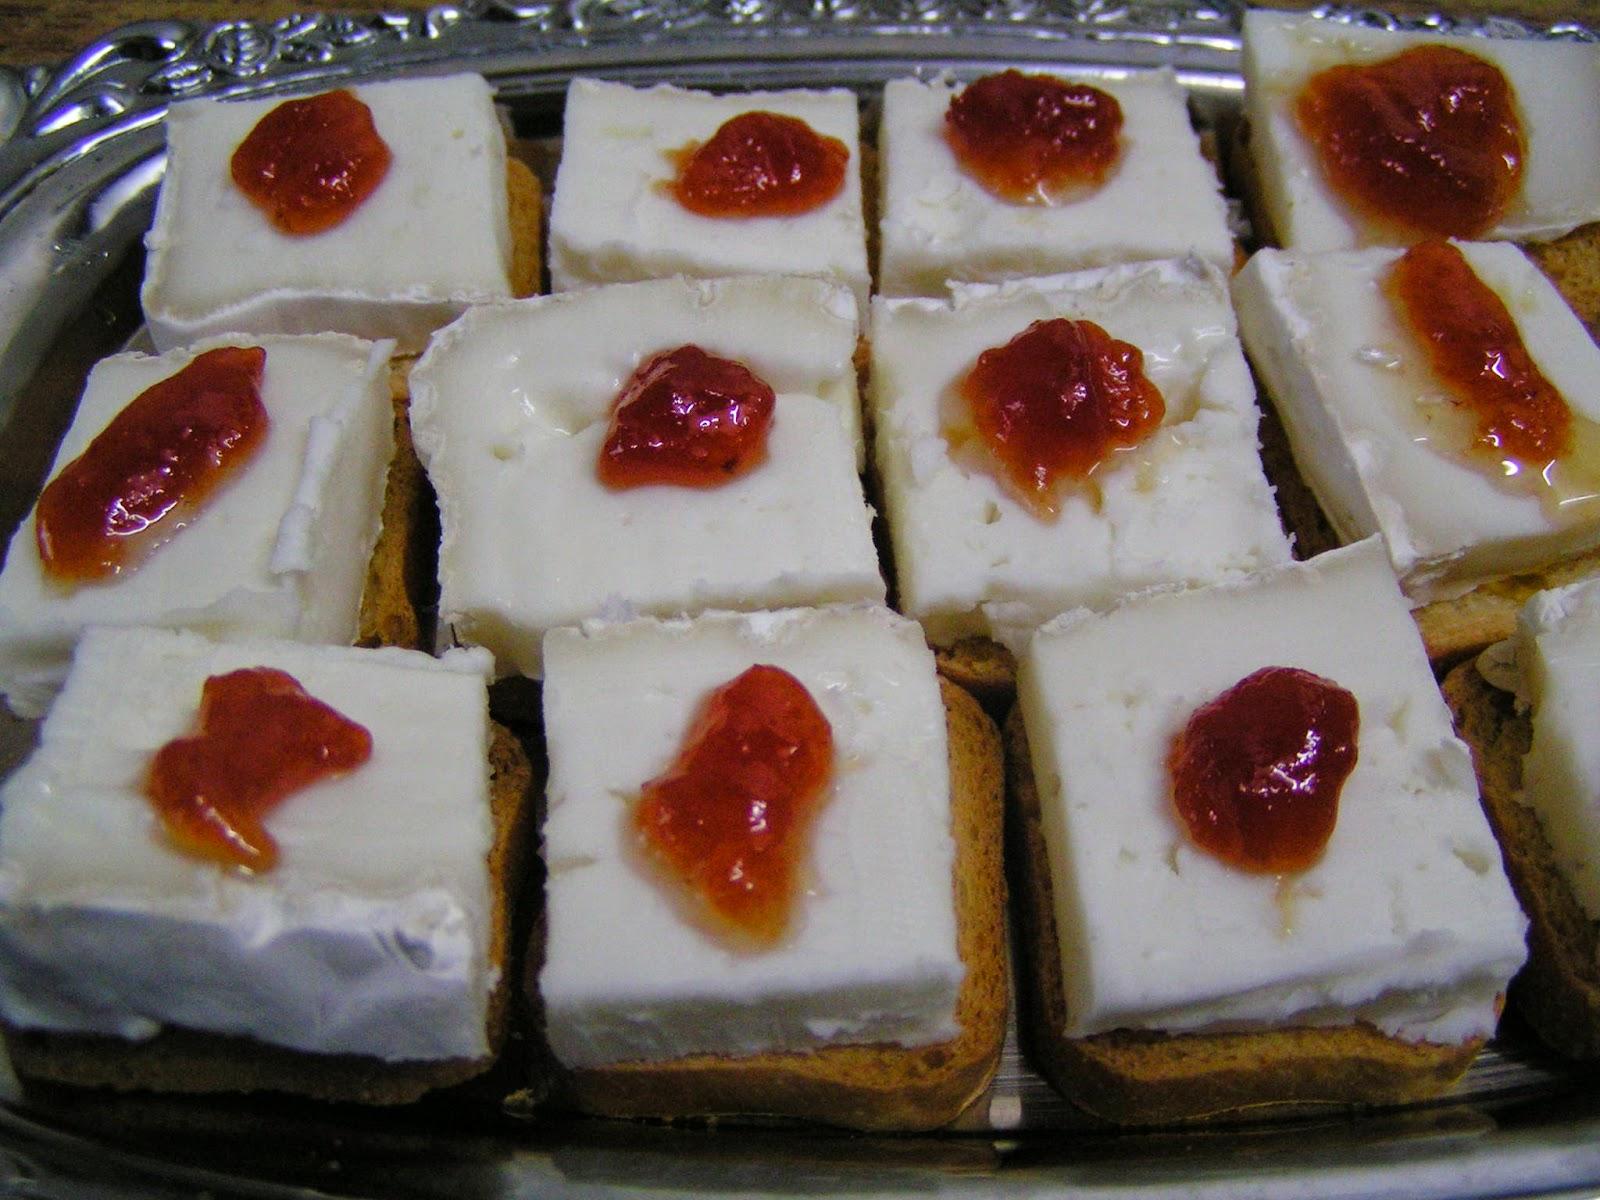 Canapés de queso brie con mermelada de tomate